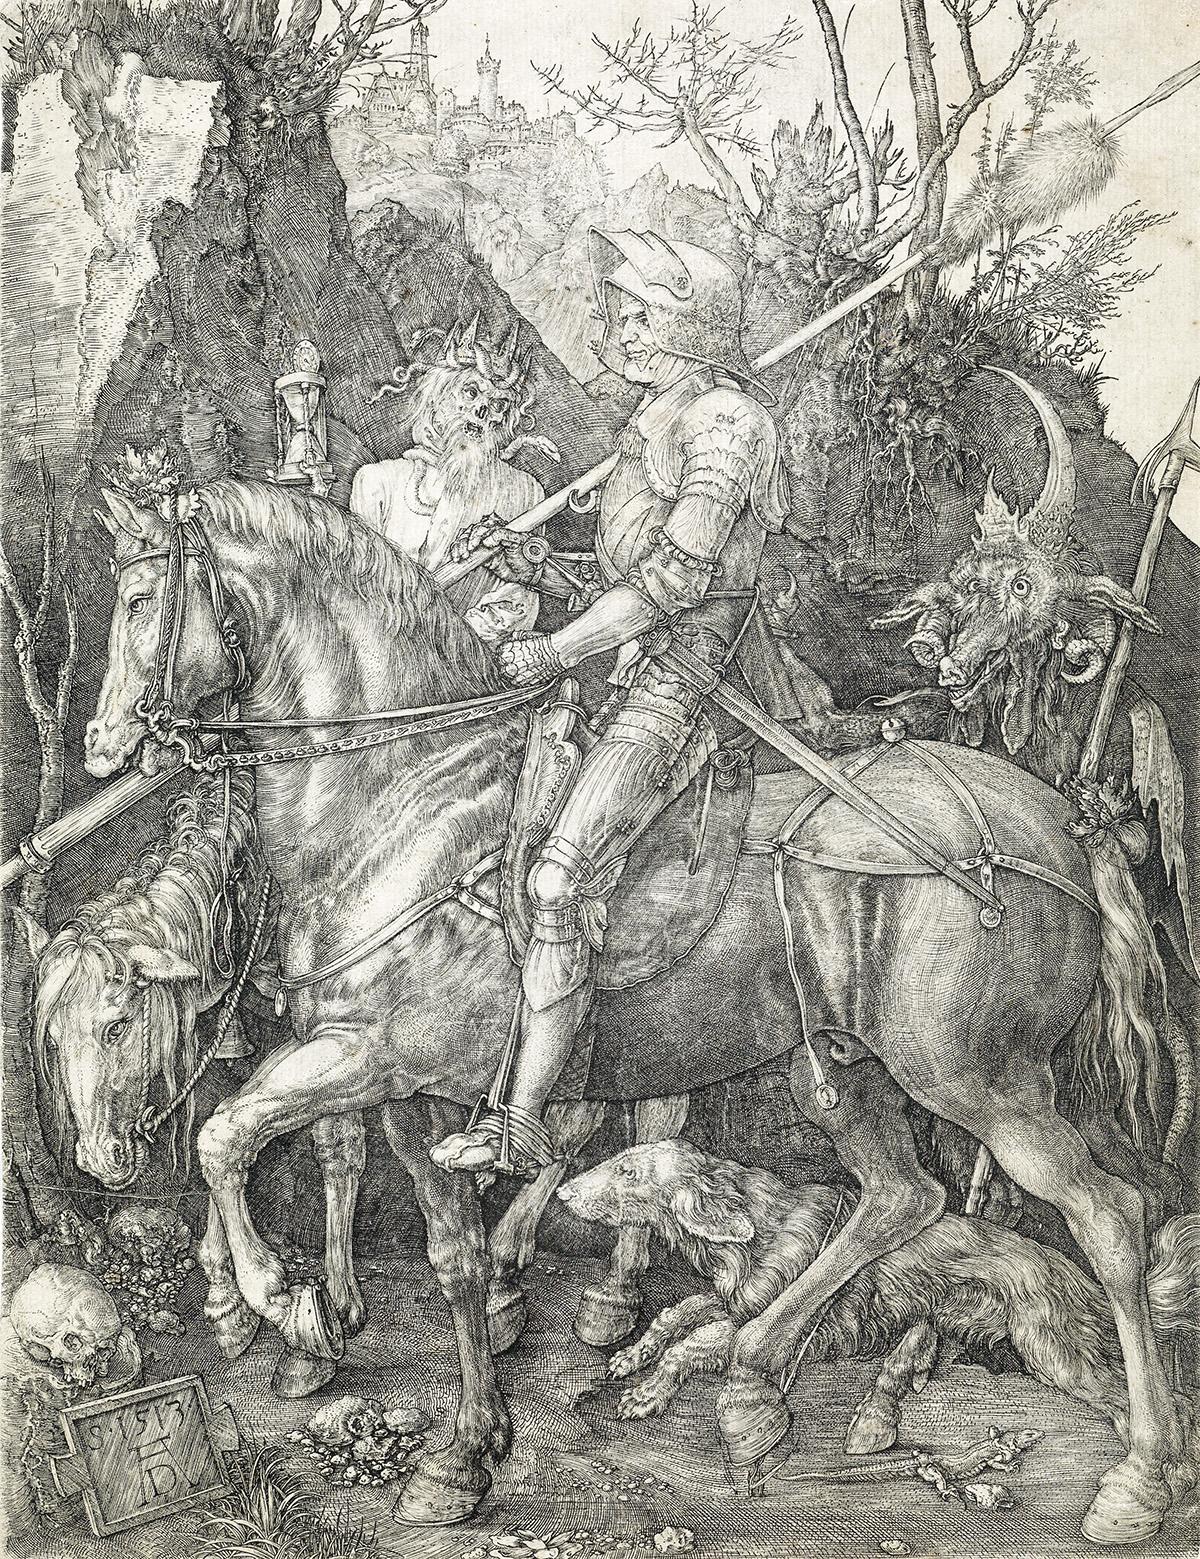 ALBRECHT-DÜRER-Knight-Death-and-the-Devil